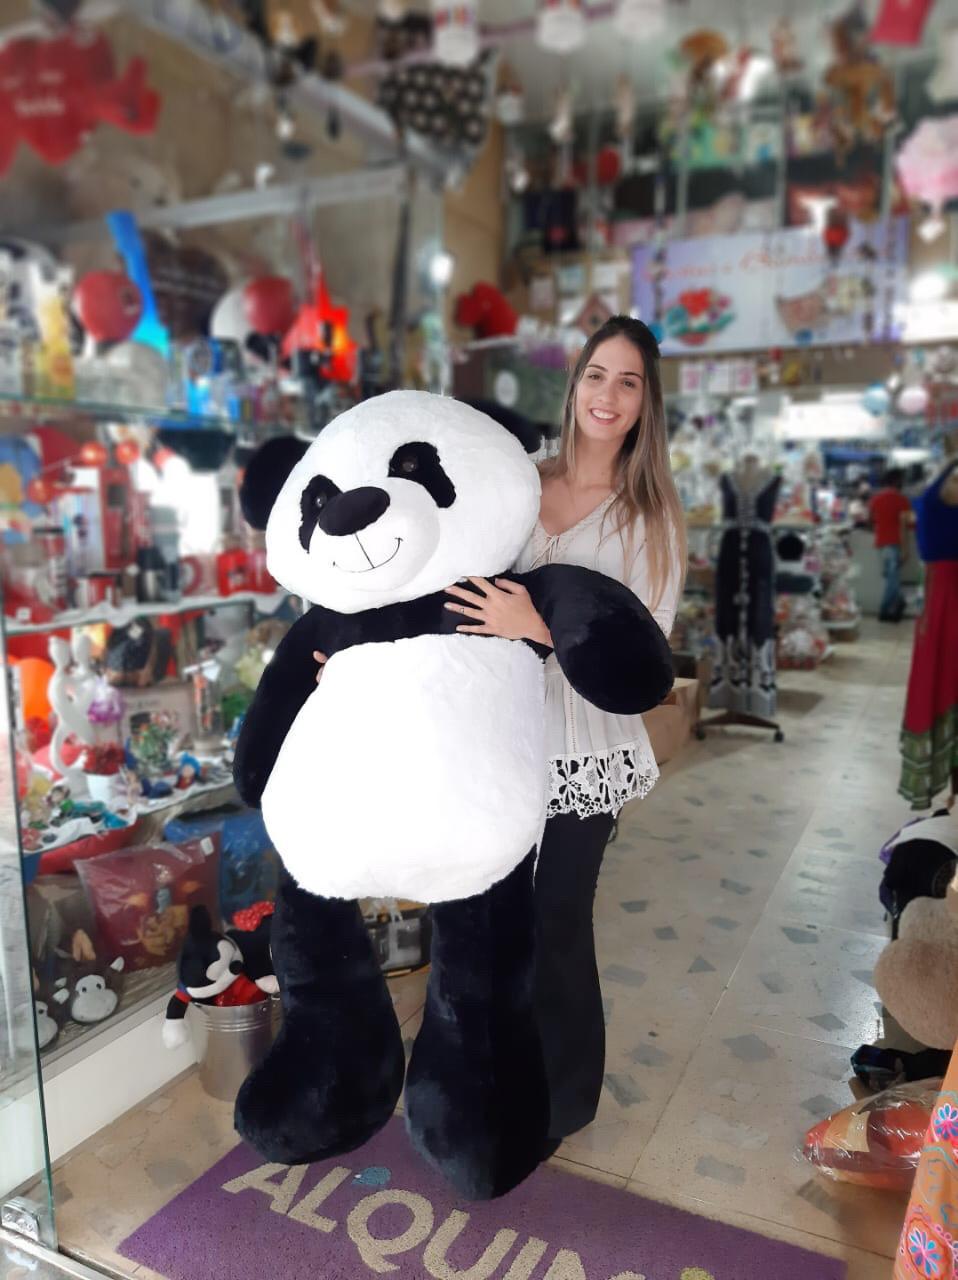 Urso Gigante - Panda/ Duvidas  (Entrar em contato (34) 9 9103-2567